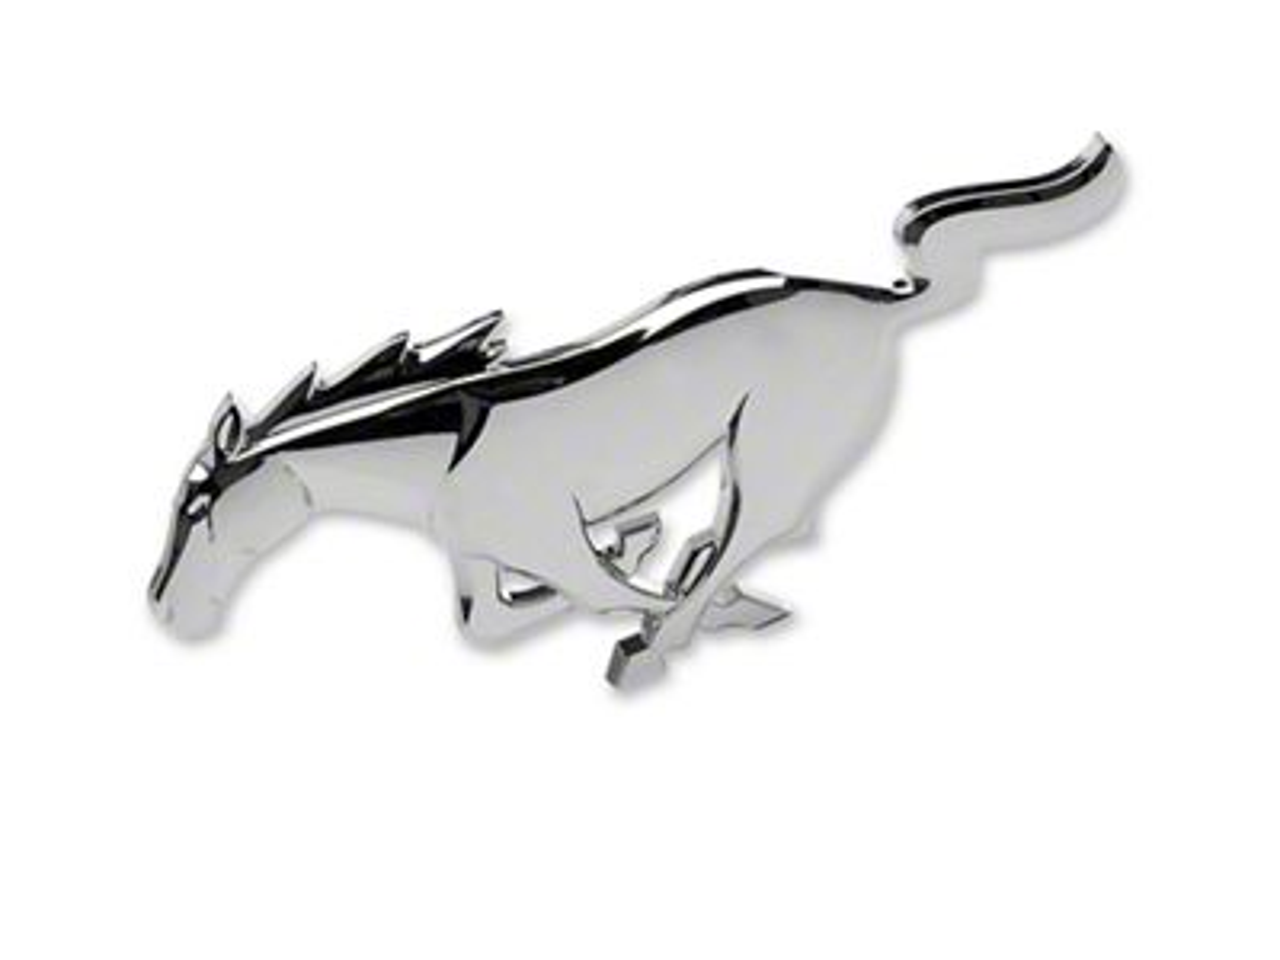 Ford Pony Grille Emblem (10-14 GT, V6)